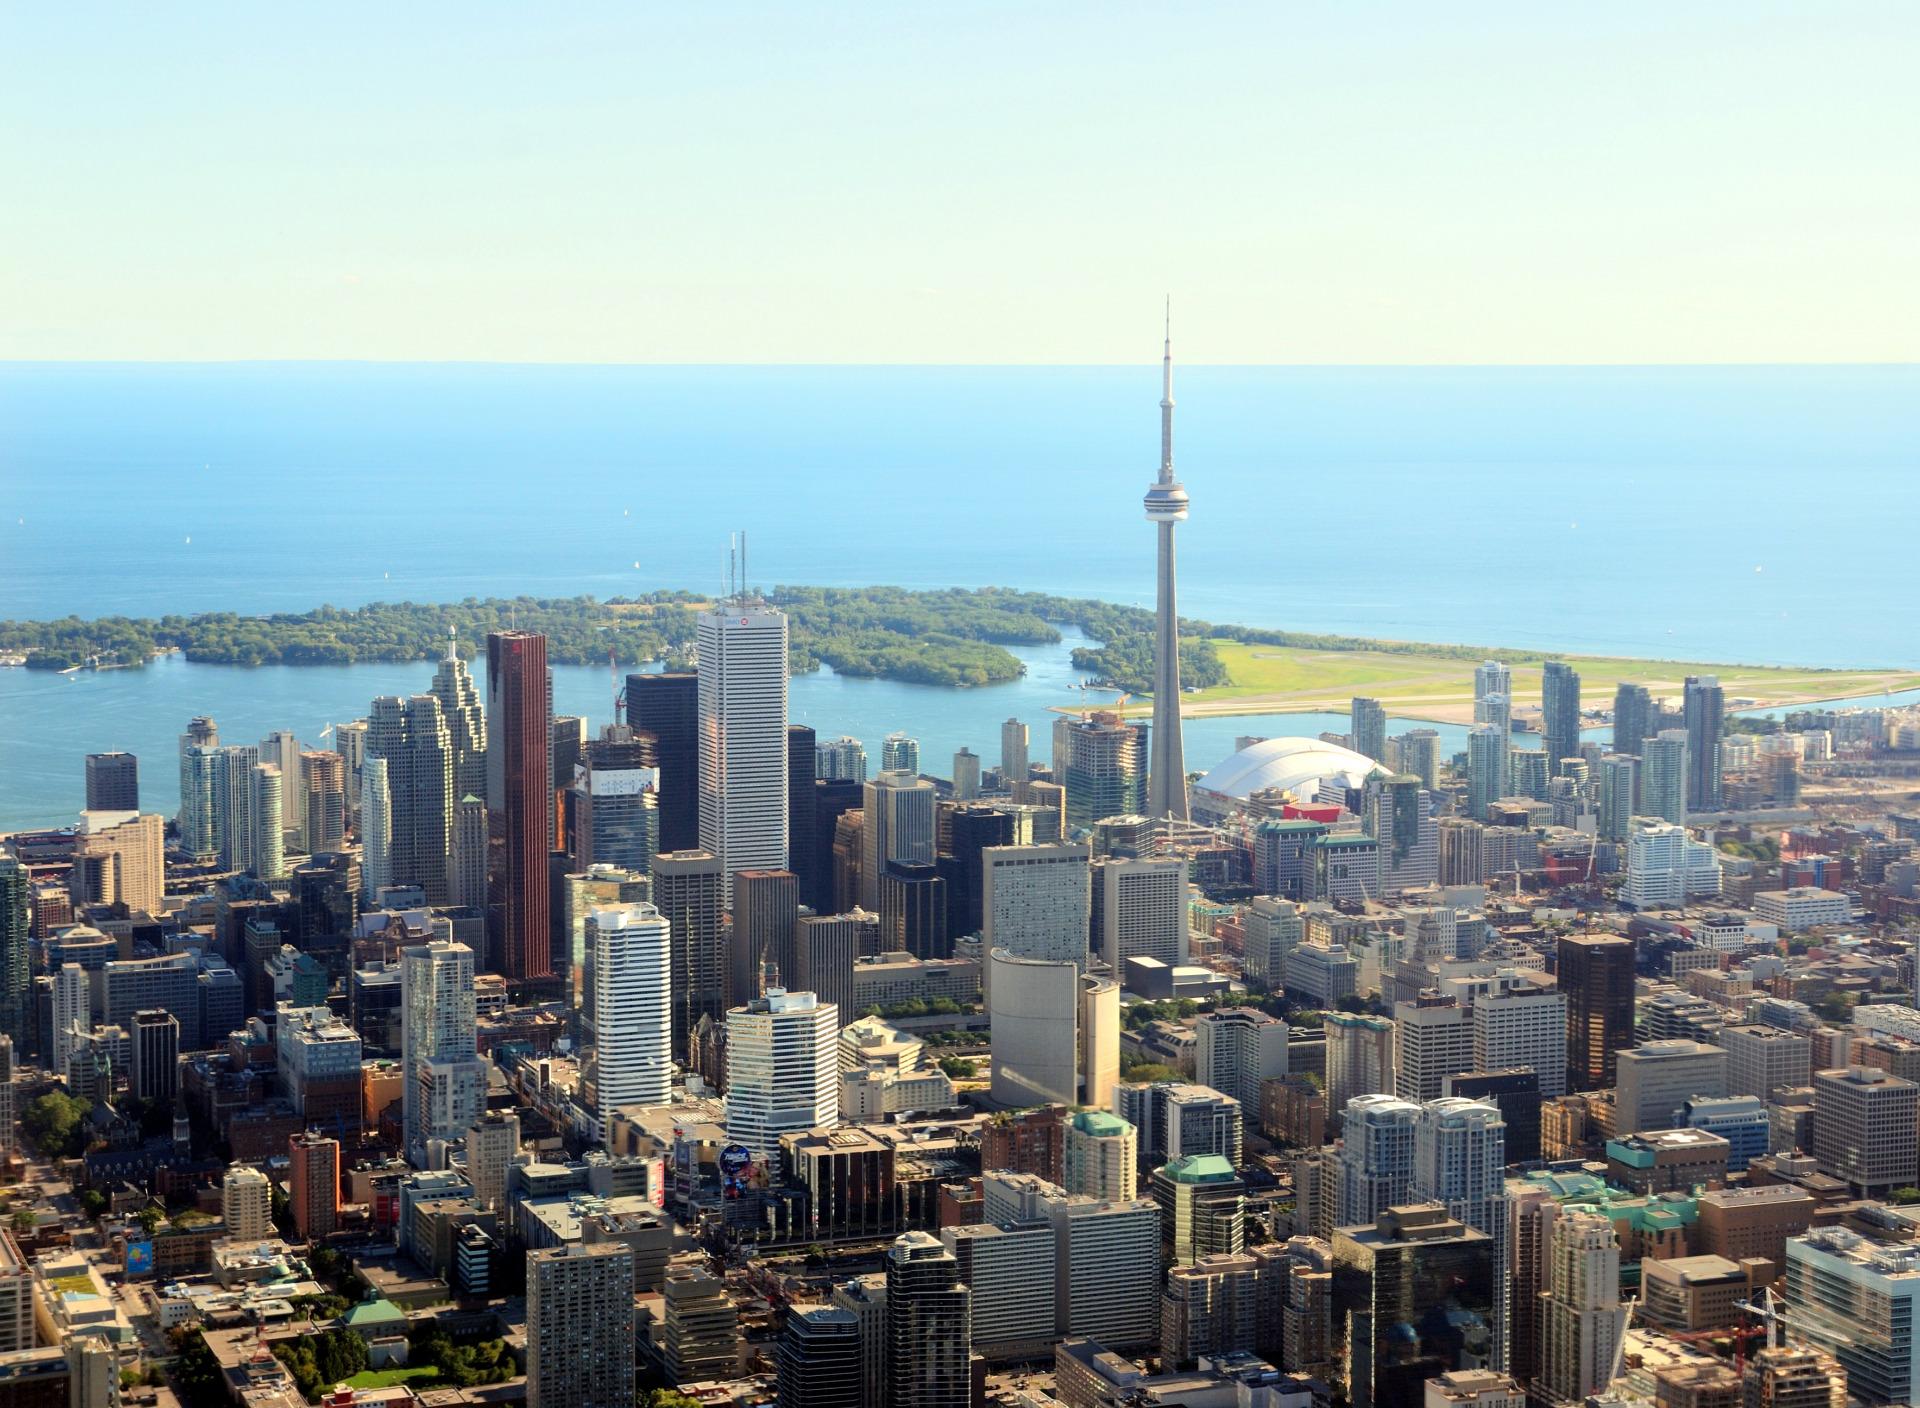 состав город торонто канада фото почему ему